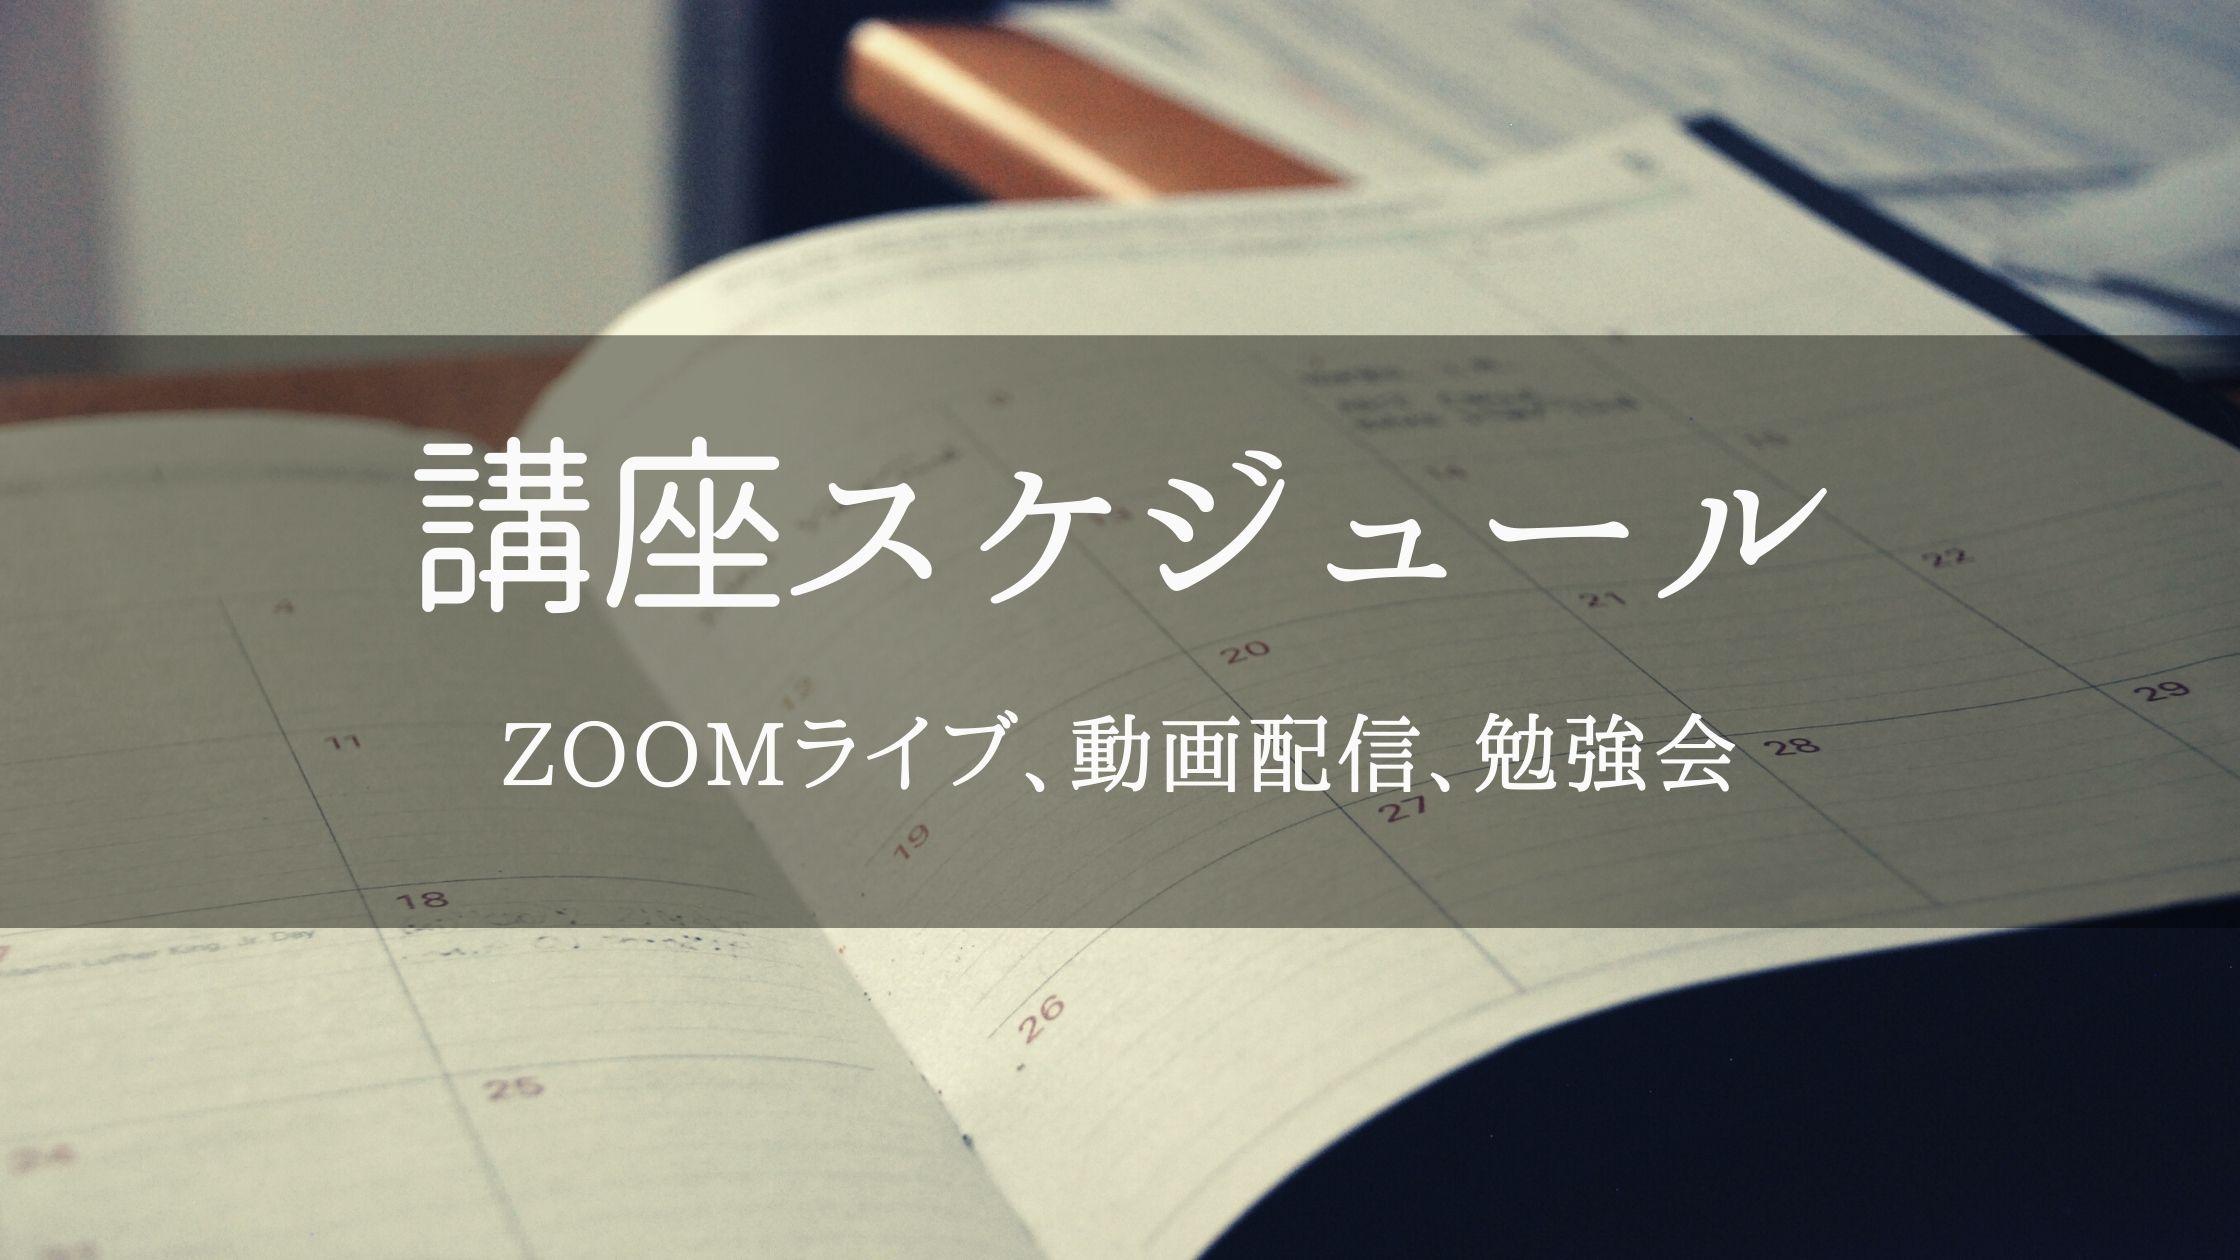 【講座スケジュール】zoomライブ、動画配信、勉強会の開催情報